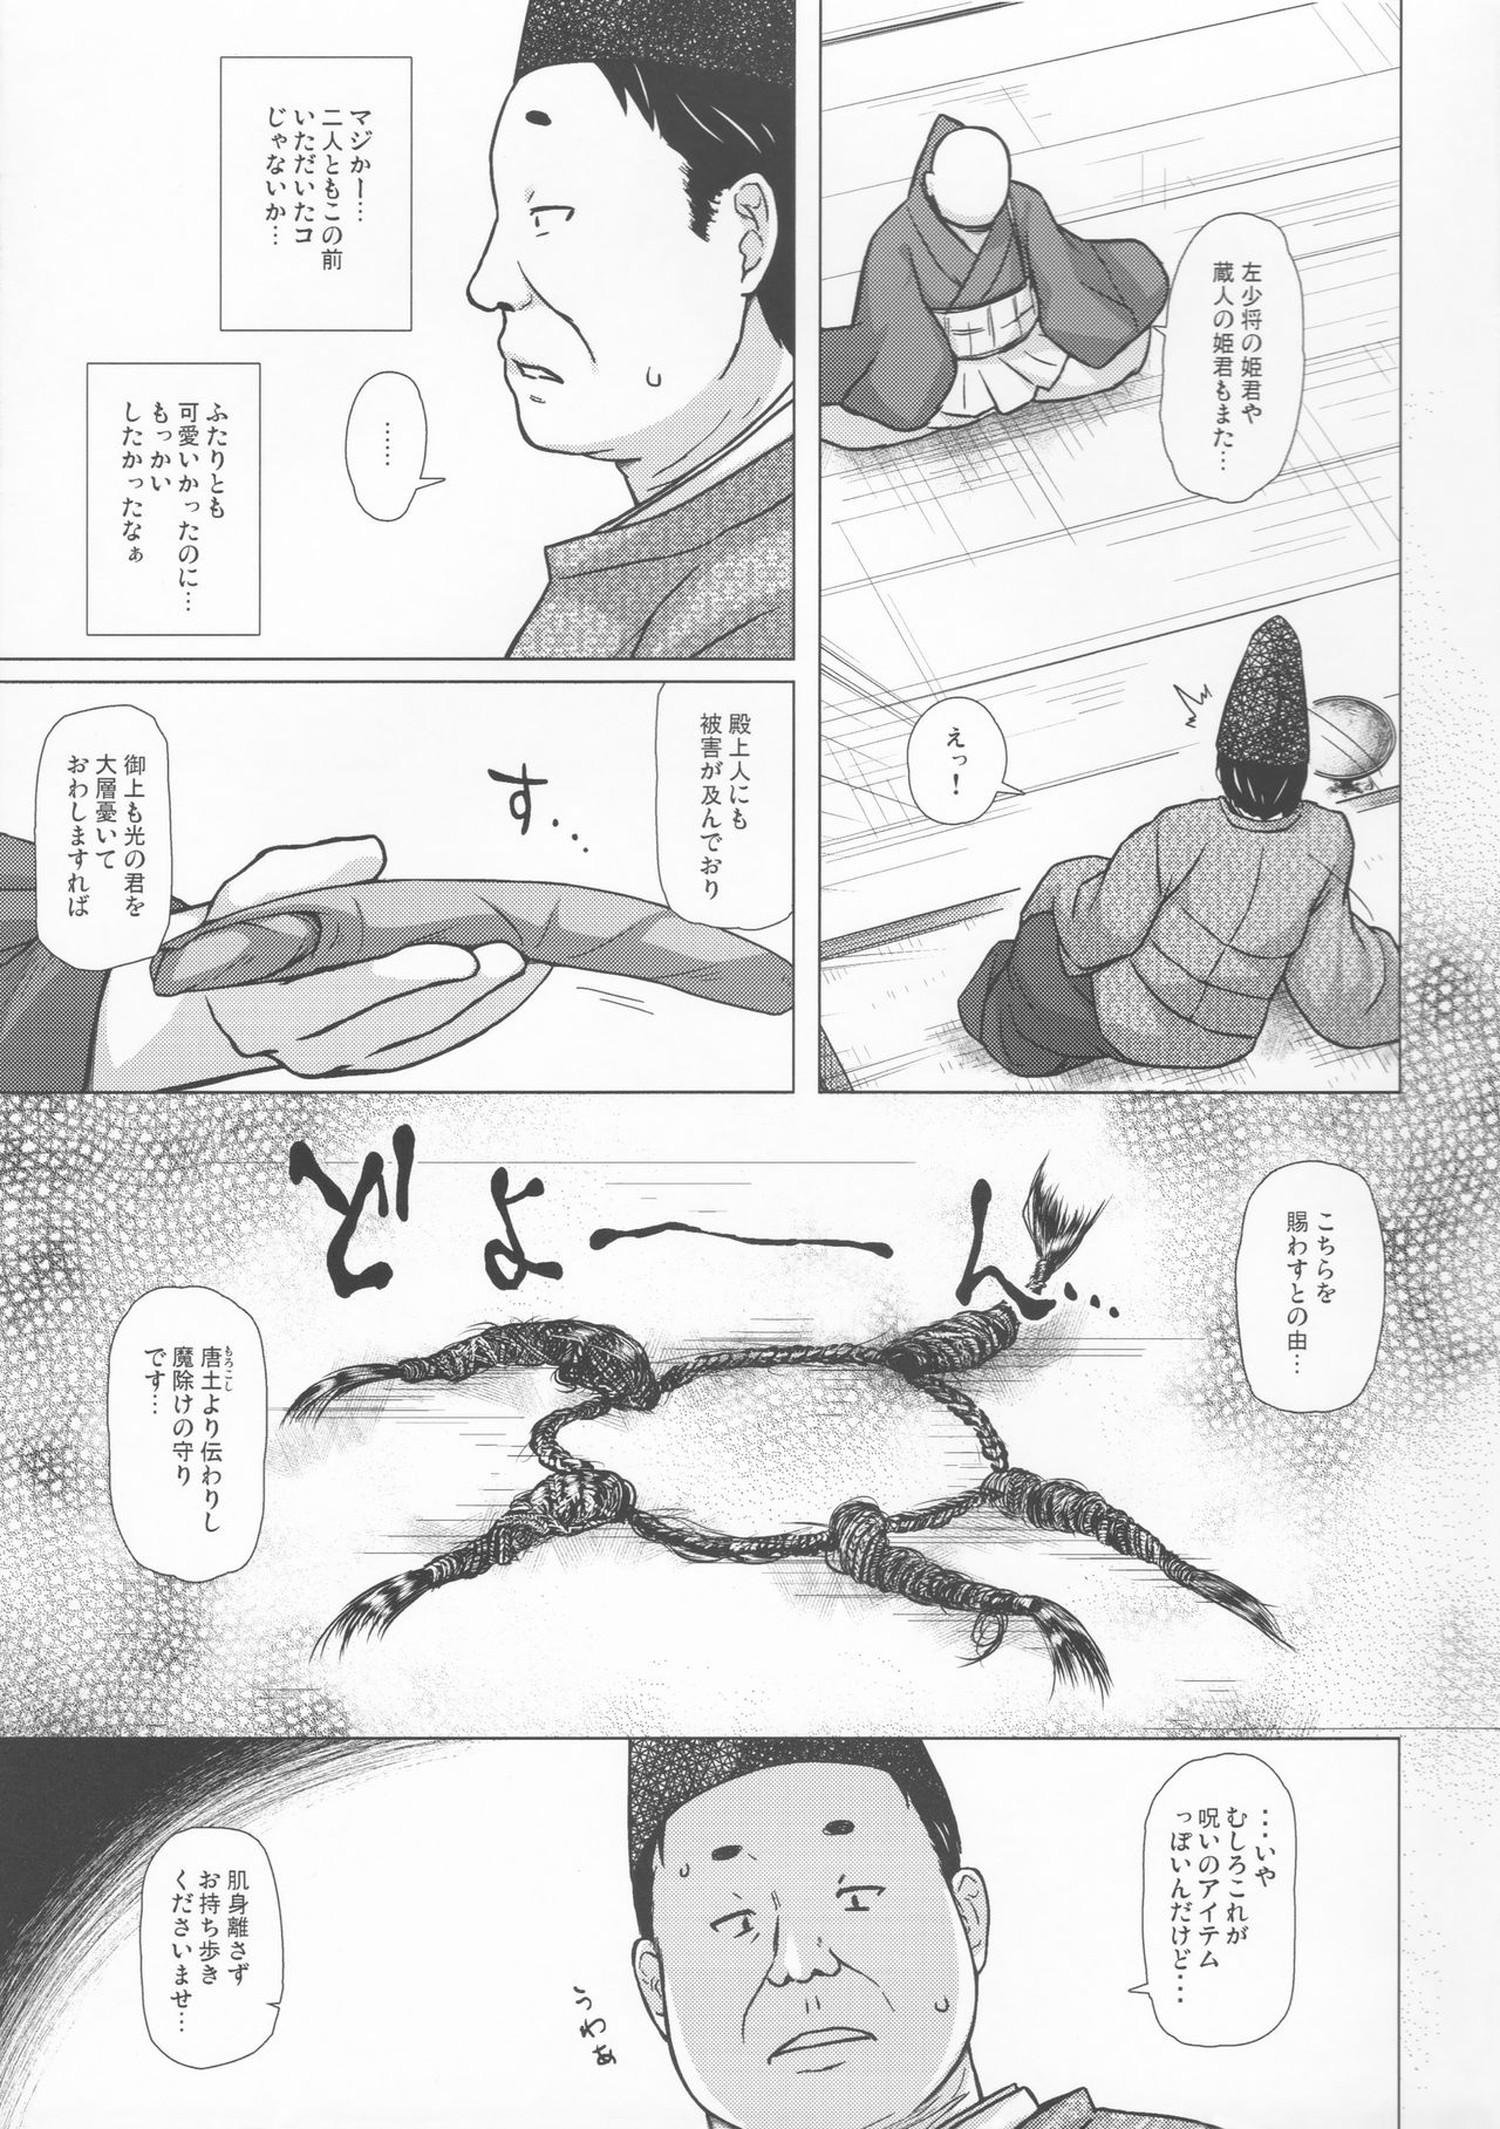 【エロ漫画】人間不信の黒髪幼女を攻略して自分だけのものにwww【無料 エロ同人誌】 (6)